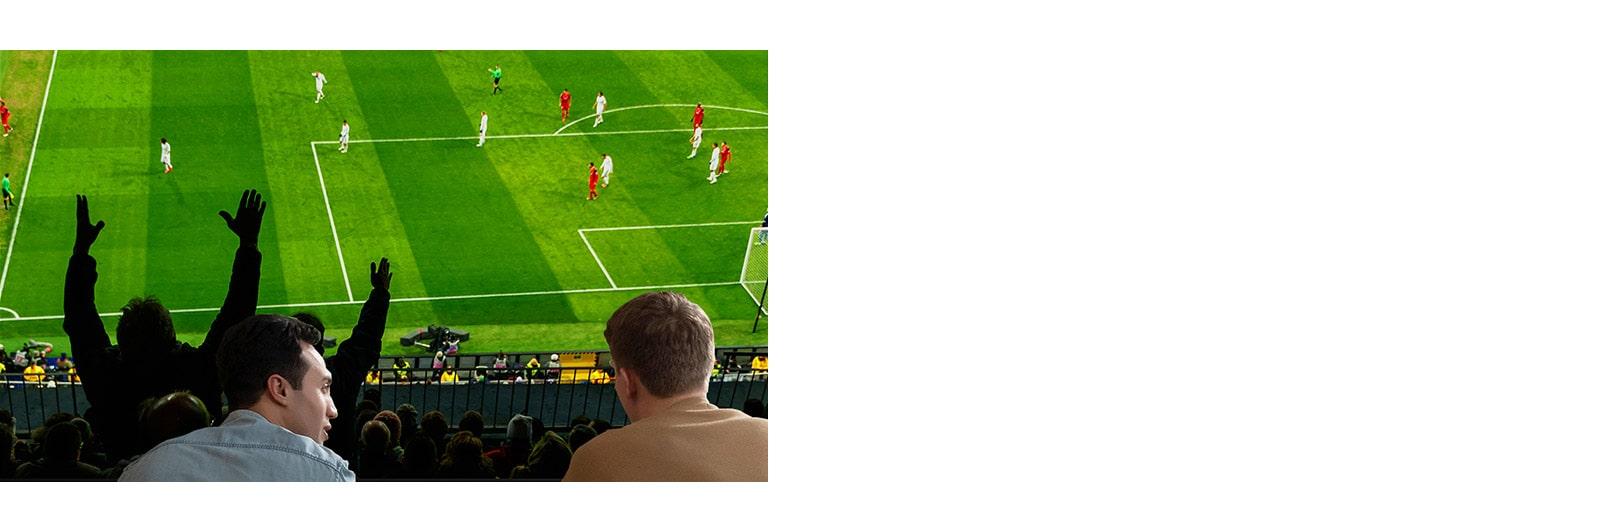 Люди смотрят спортивную игру в гостиной на телевизоре с ультра-большим экраном.